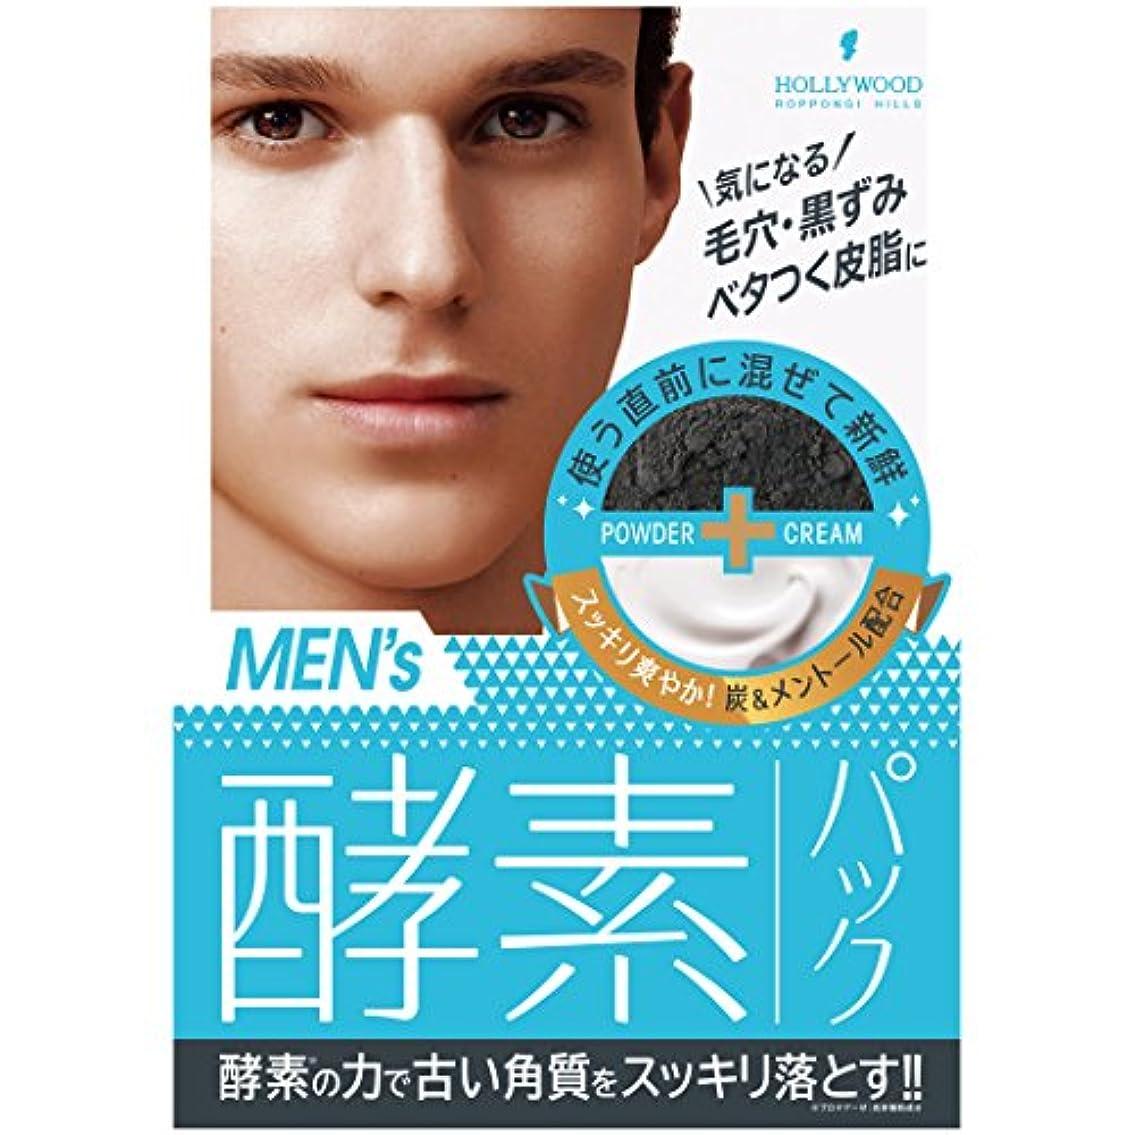 オーキッド ピックアップマスク メンズ (1回分)